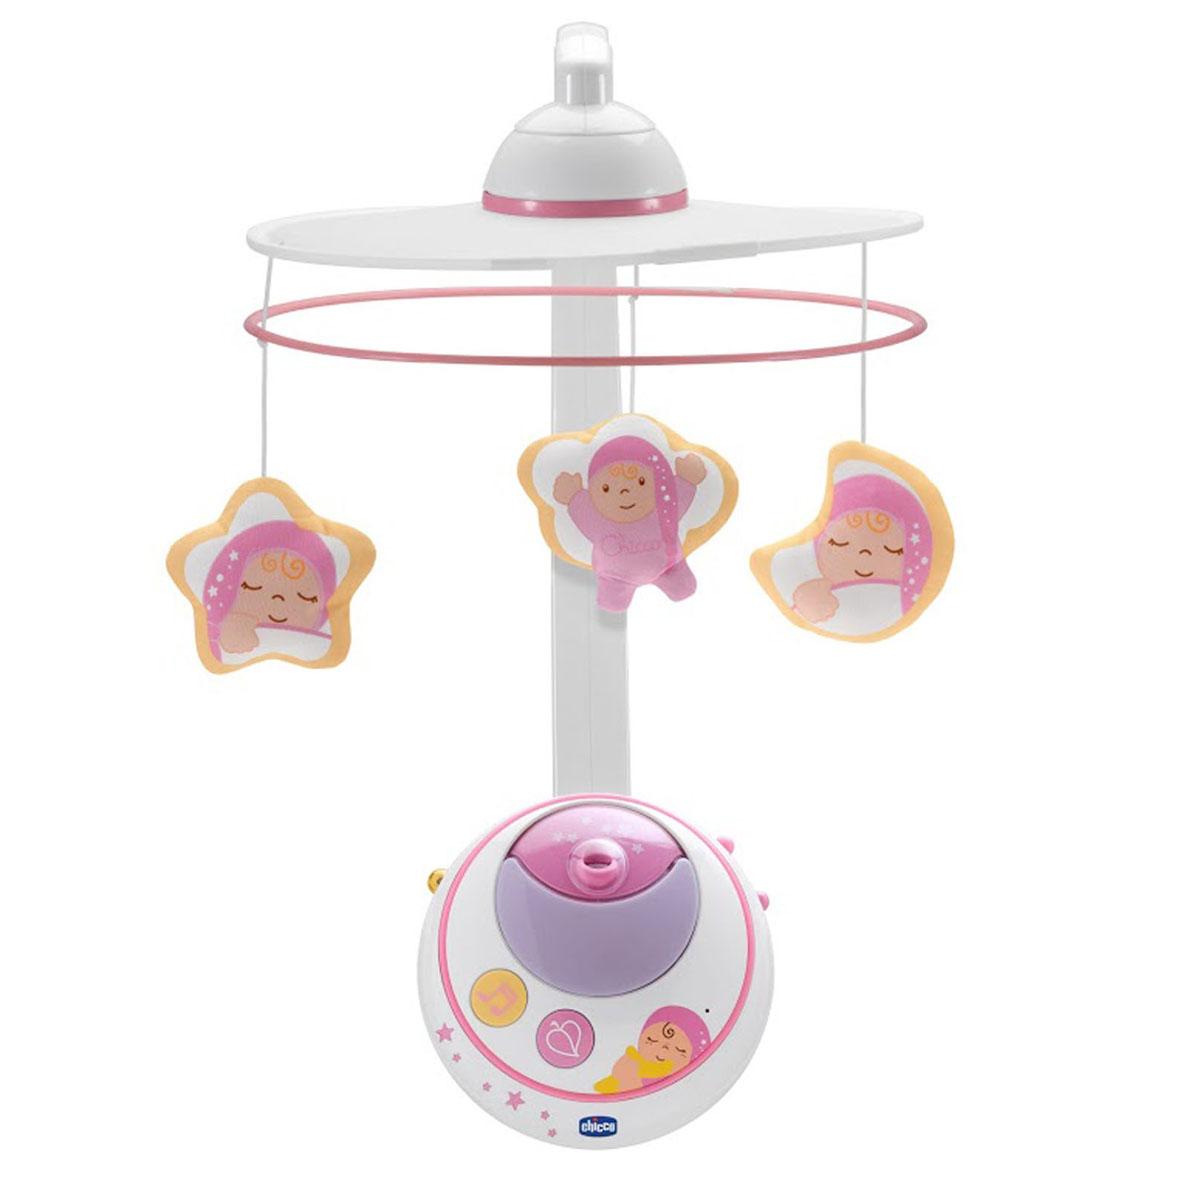 """Яркий музыкальный мобиль-проектор """"Волшебные звезды"""" - это оригинальная музыкальная игрушка, создающая атмосферу уюта и спокойствия в детской комнате. Он предназначен для малышей с рождения. К кроватке ребенка крепится музыкальный блок, в него вставляется кронштейн. К кронштейну подвешивается круглая рамка с игрушками. Под приятные мелодии на мобиле медленно вращаются три игрушки. Мягкий свет от музыкального блока проецирует на внутреннюю поверхность навеса-купола или потолок изображения звезд и планет, создавая волшебную атмосферу. Мобиль предусматривает различные функции: Вращение, Музыка, Световые эффекты. Они включаются независимо друг от друга, что позволяет комбинировать их по-разному. Вращение: переключатель на музыкальном блоке позволит вам включить режим вращения игрушек или остановить его. Музыка: на музыкальном блоке расположены две кнопки для выбора мелодий new age или классика. Воспроизведение мелодий длится 18 минут. Световые..."""